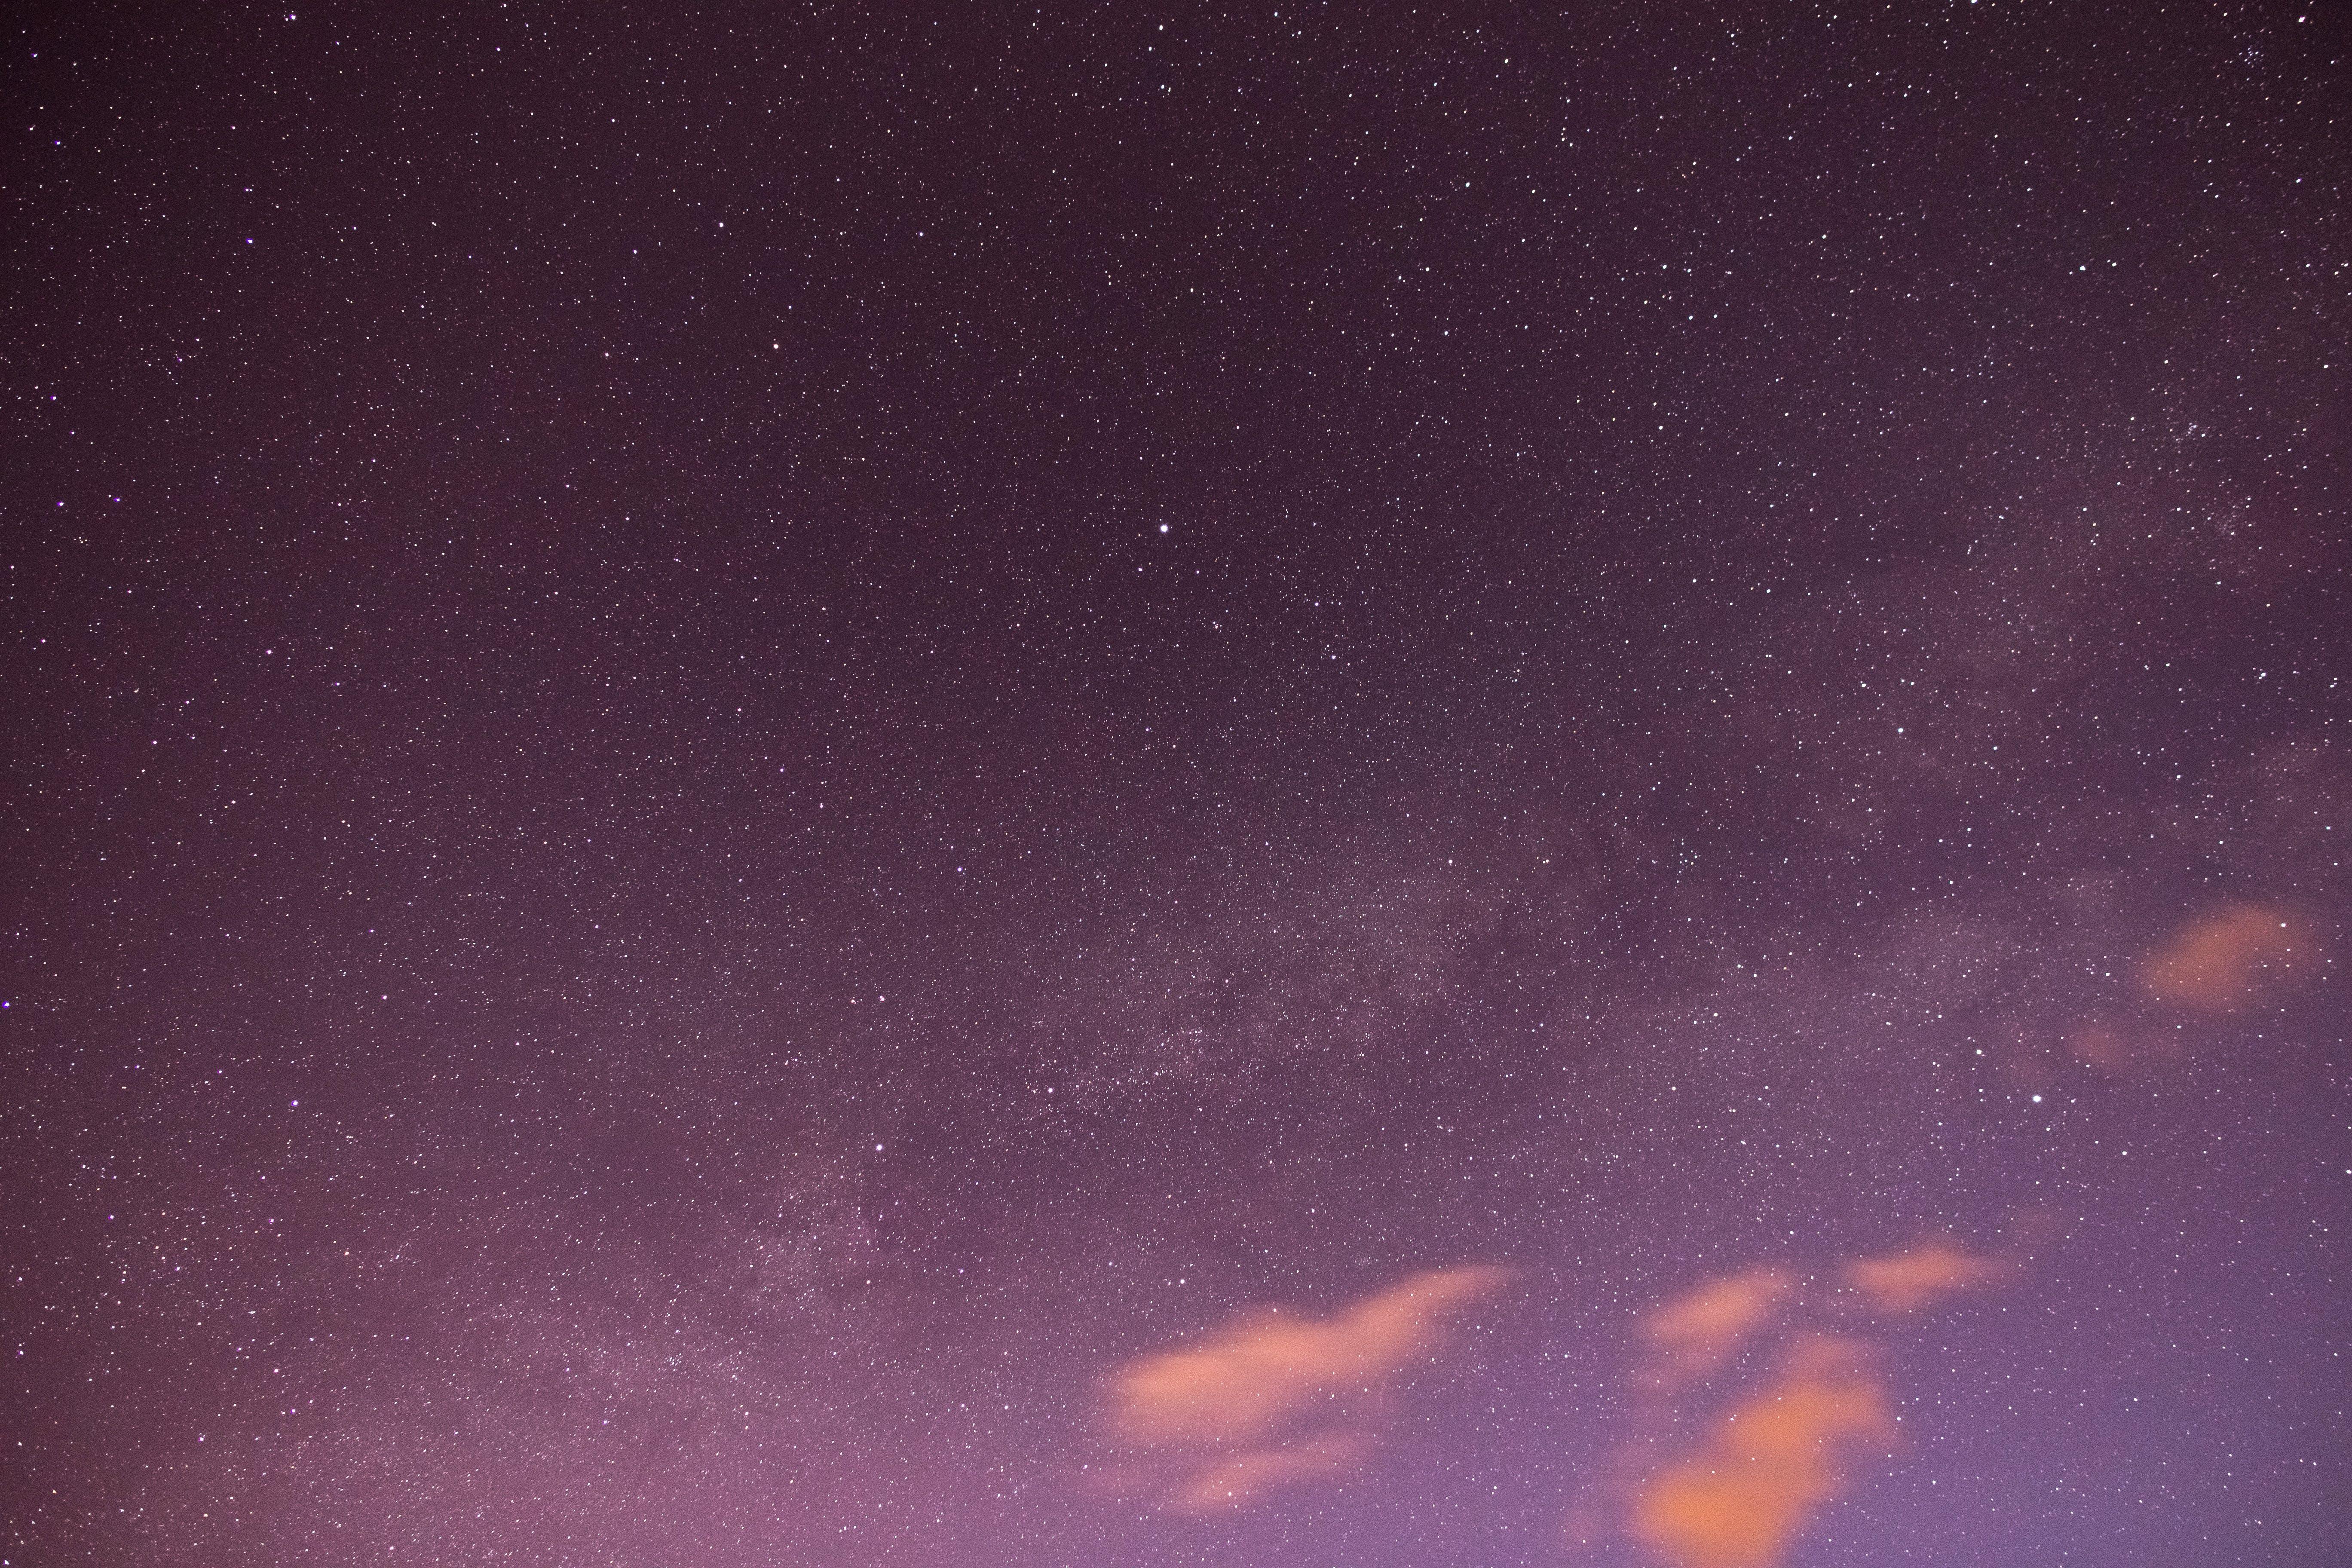 Gratis arkivbilde med himmel, konstellasjoner, mørk, natt